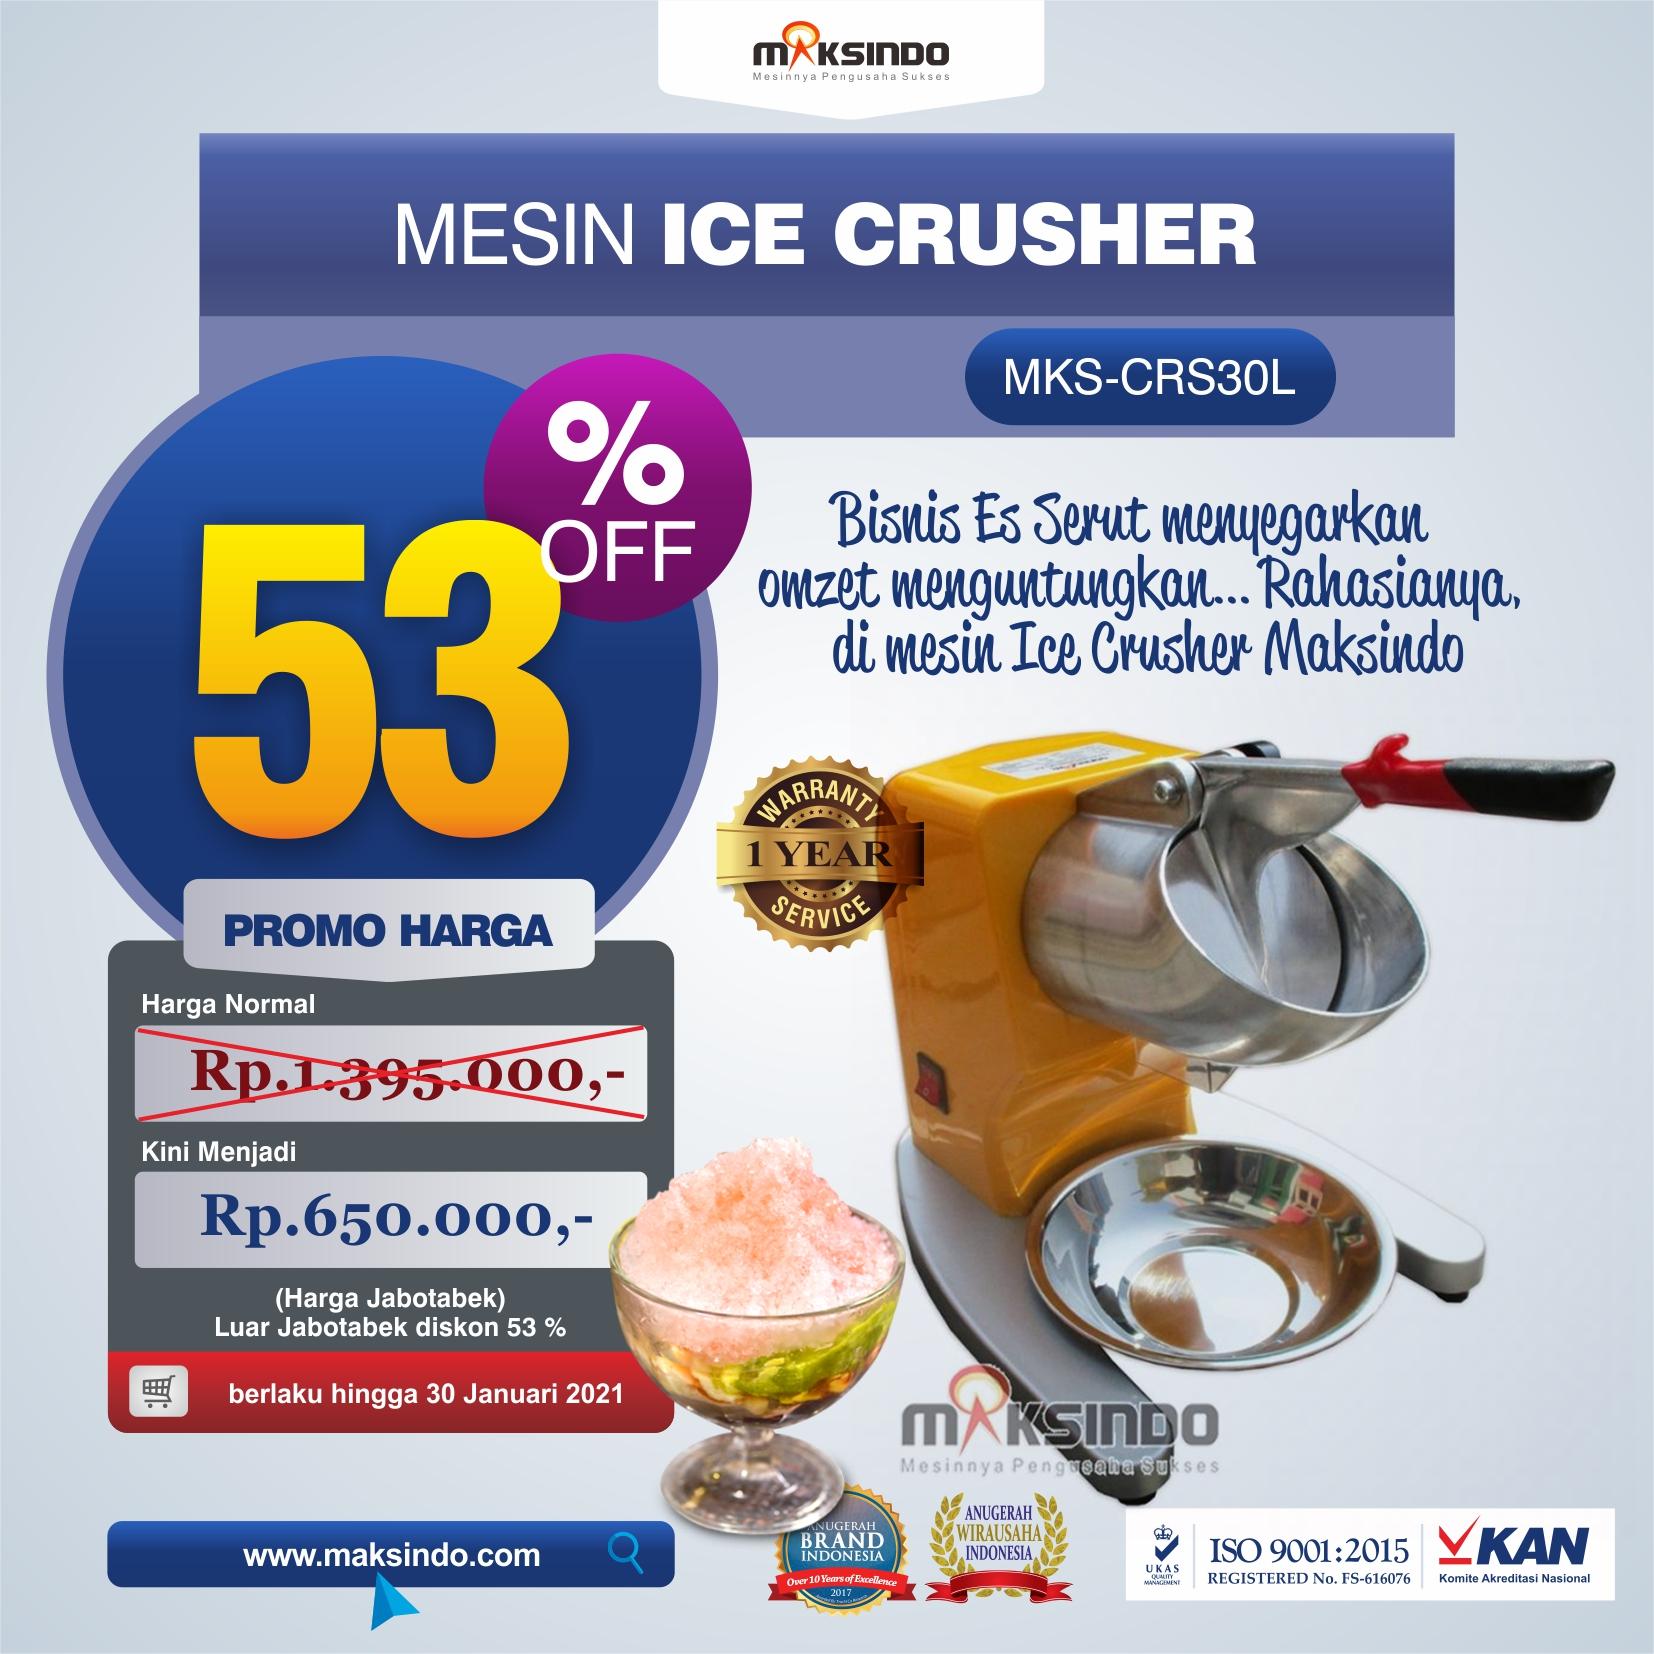 Jual Mesin Ice Crusher MKS-CRS30L di Tangerang